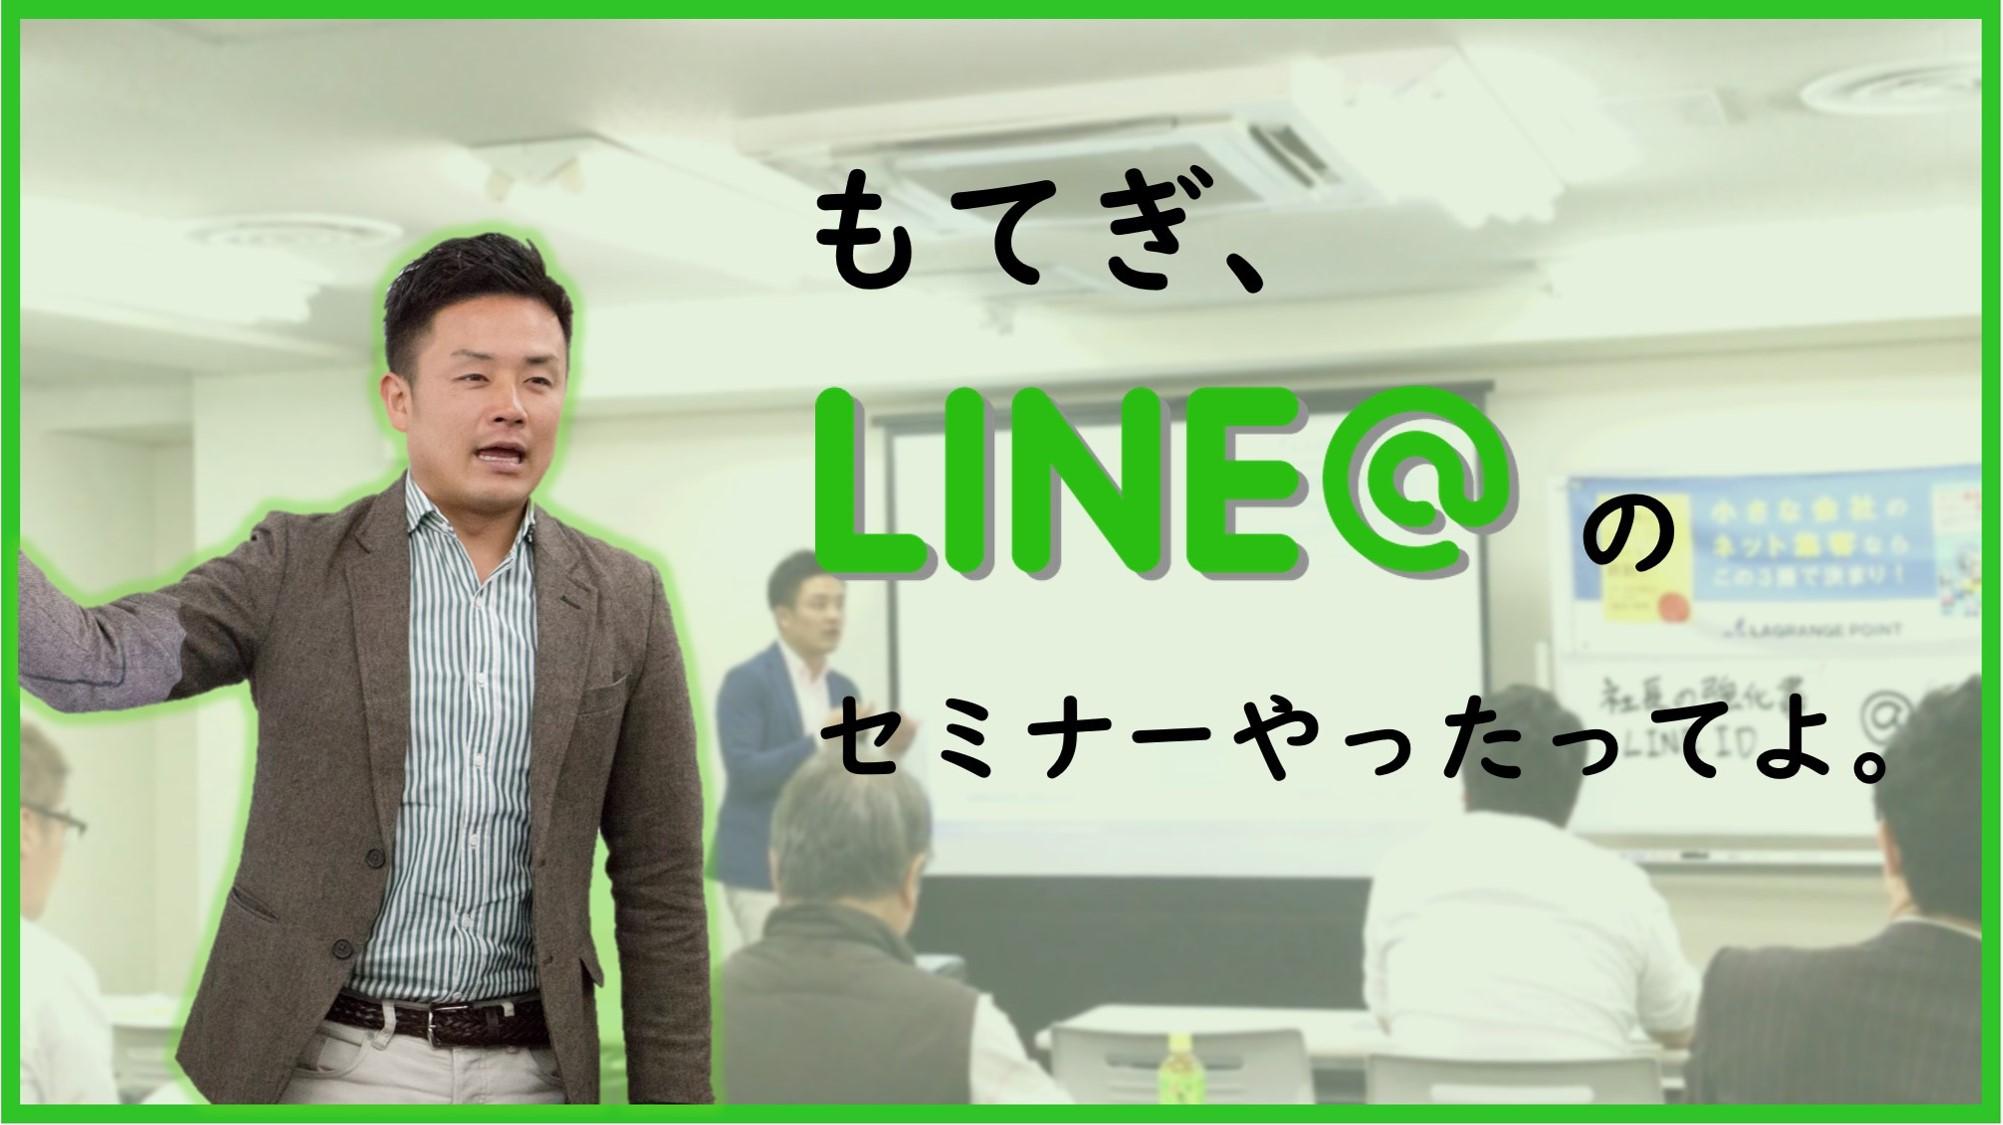 小さな会社・店舗のためのLINE@を活用した集客・販促法|セミナー開催レポート